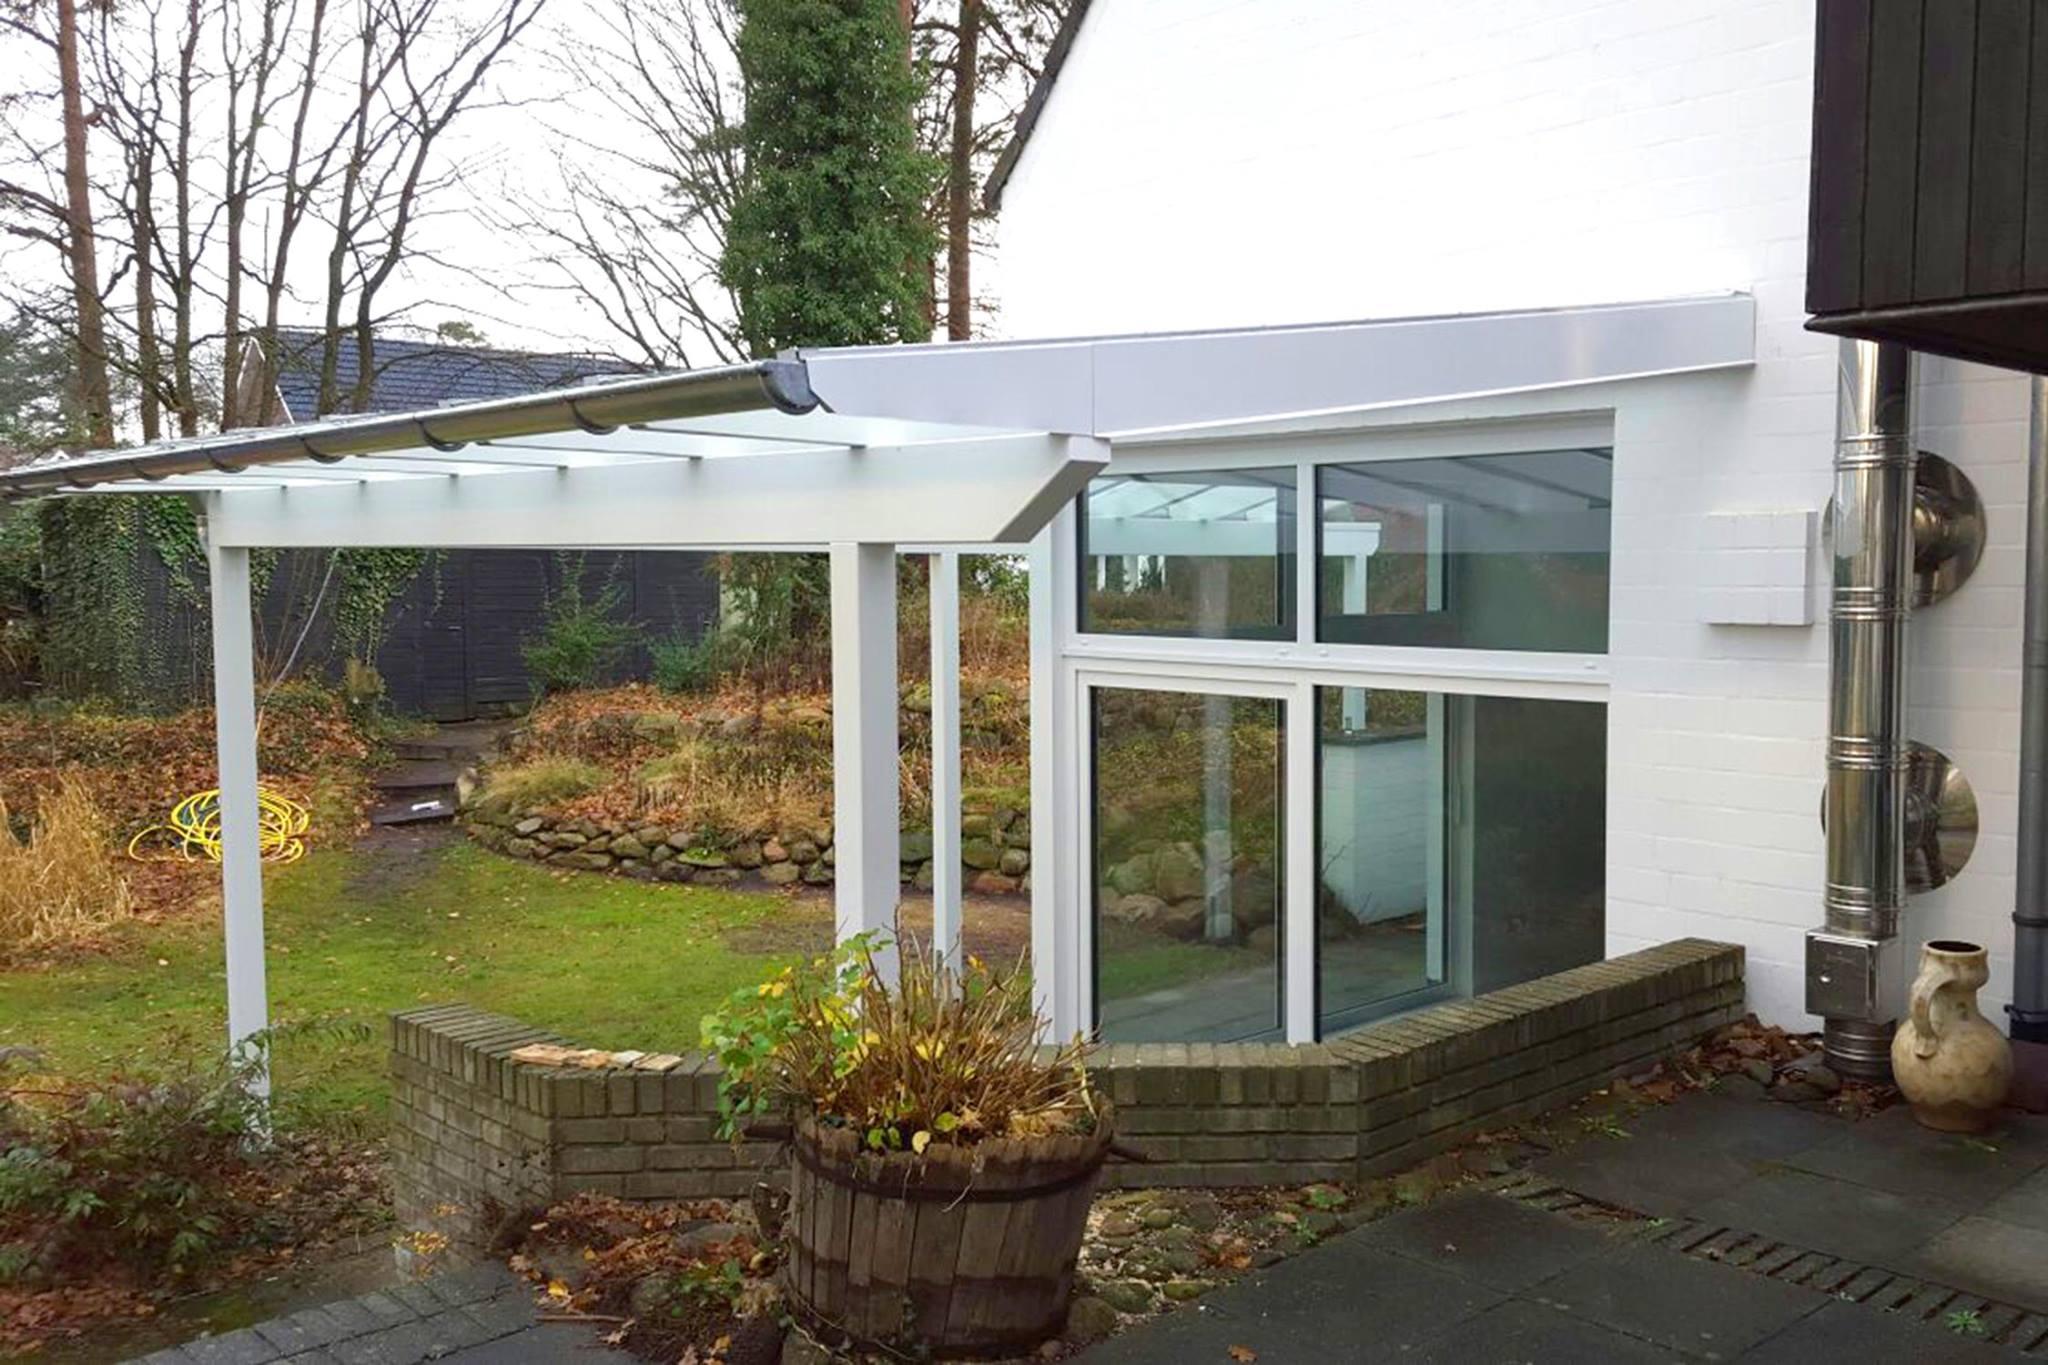 Terrassenüberdachung in weiß – so muss das!